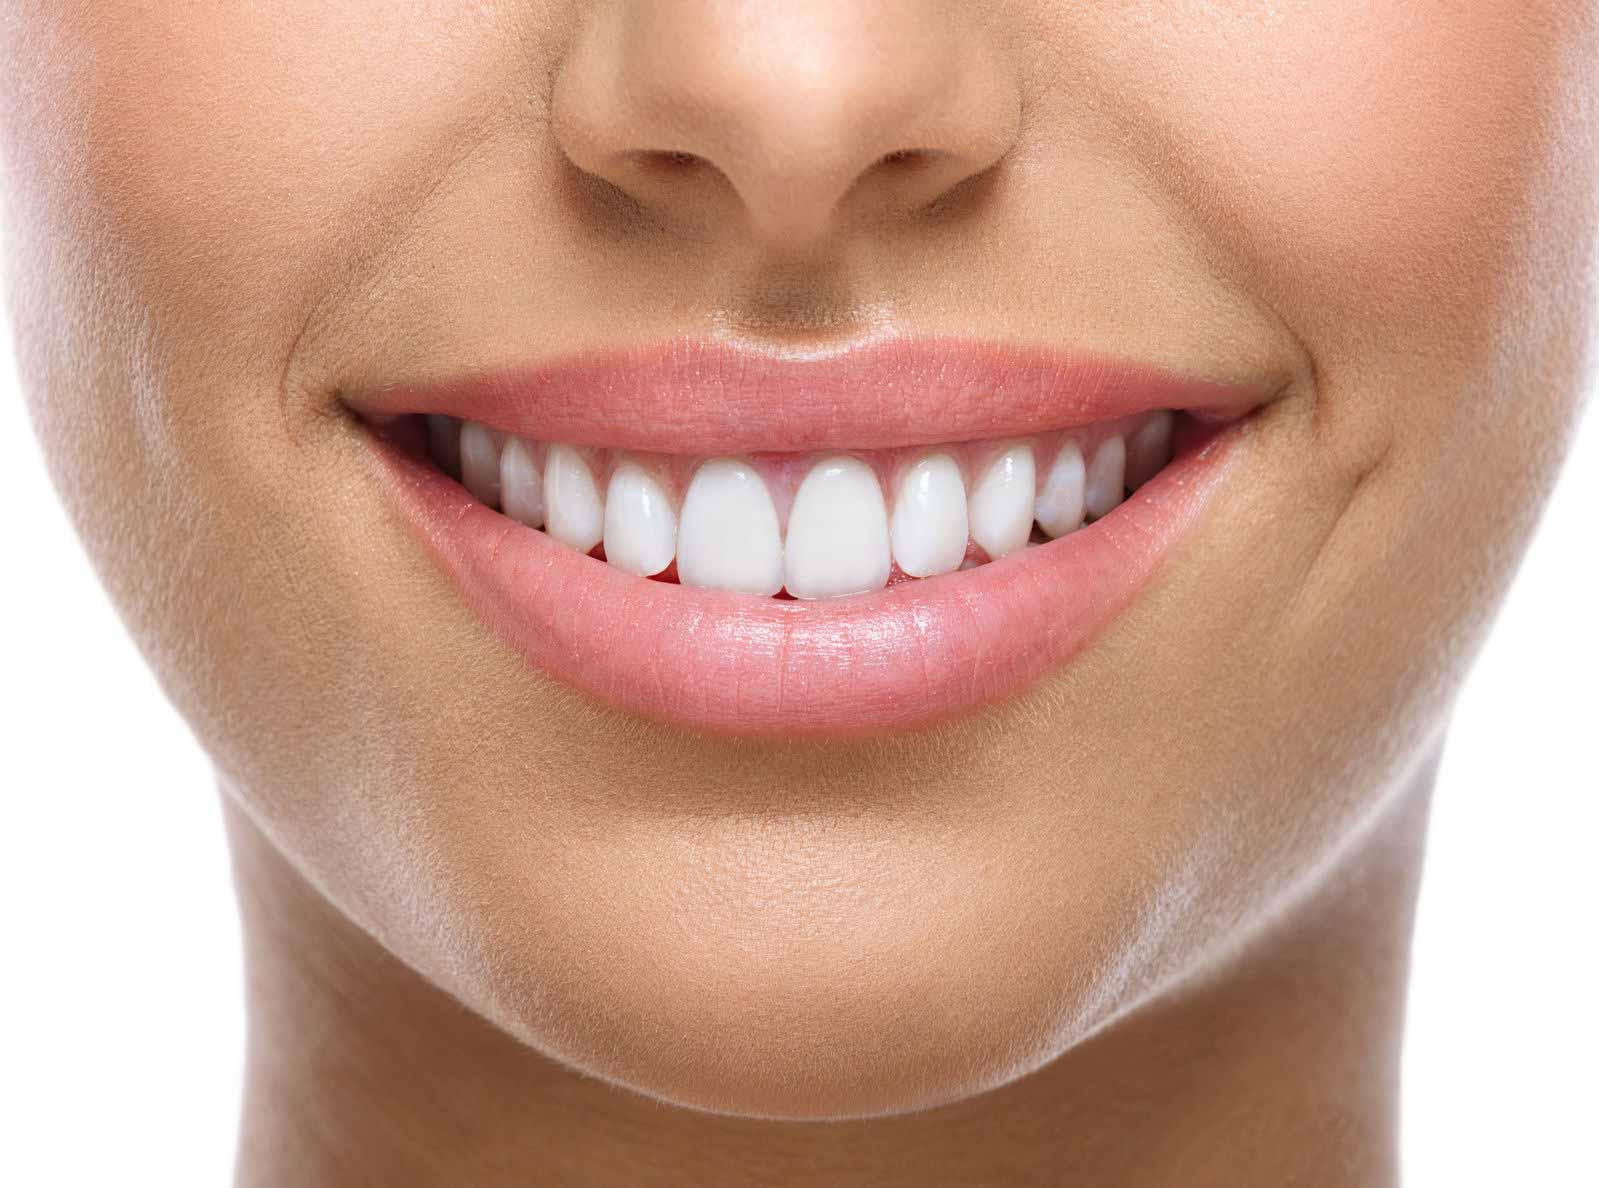 Tratamiento estetica dental